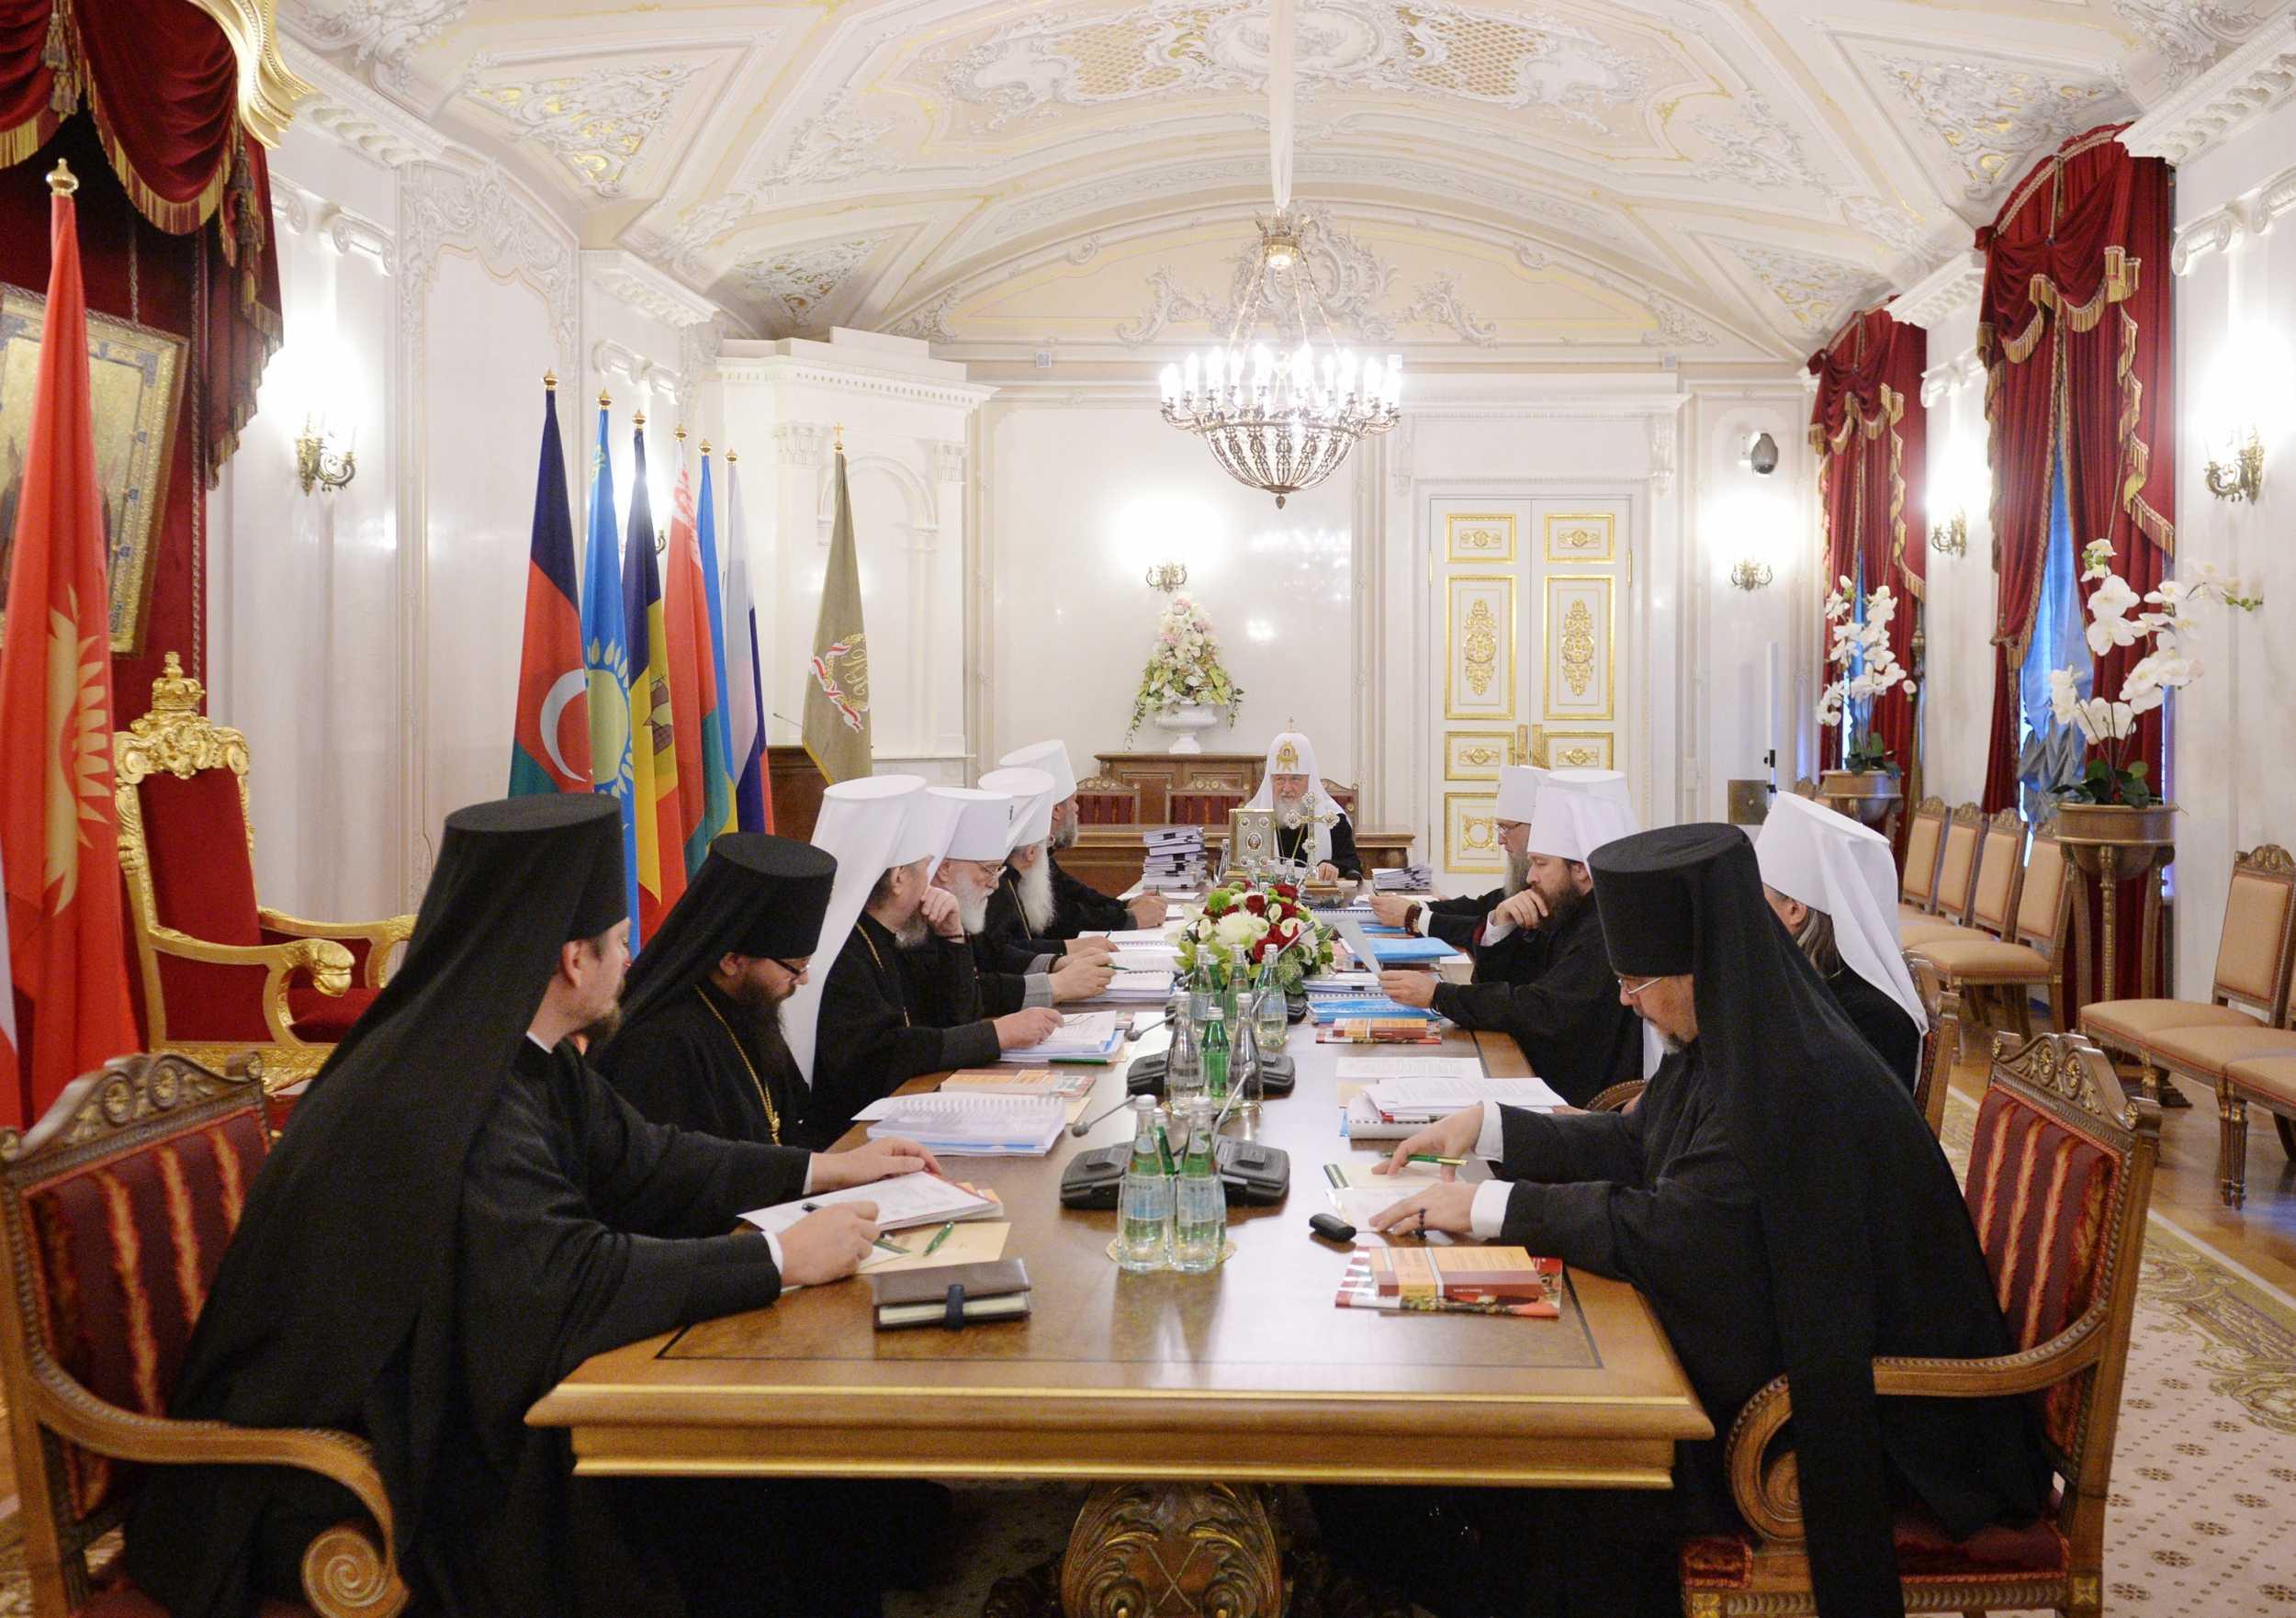 Картинки по запросу В епархиях Русской Церкви пройдут праздничные и памятные мероприятия, посвященные 1030-летию Крещения Руси